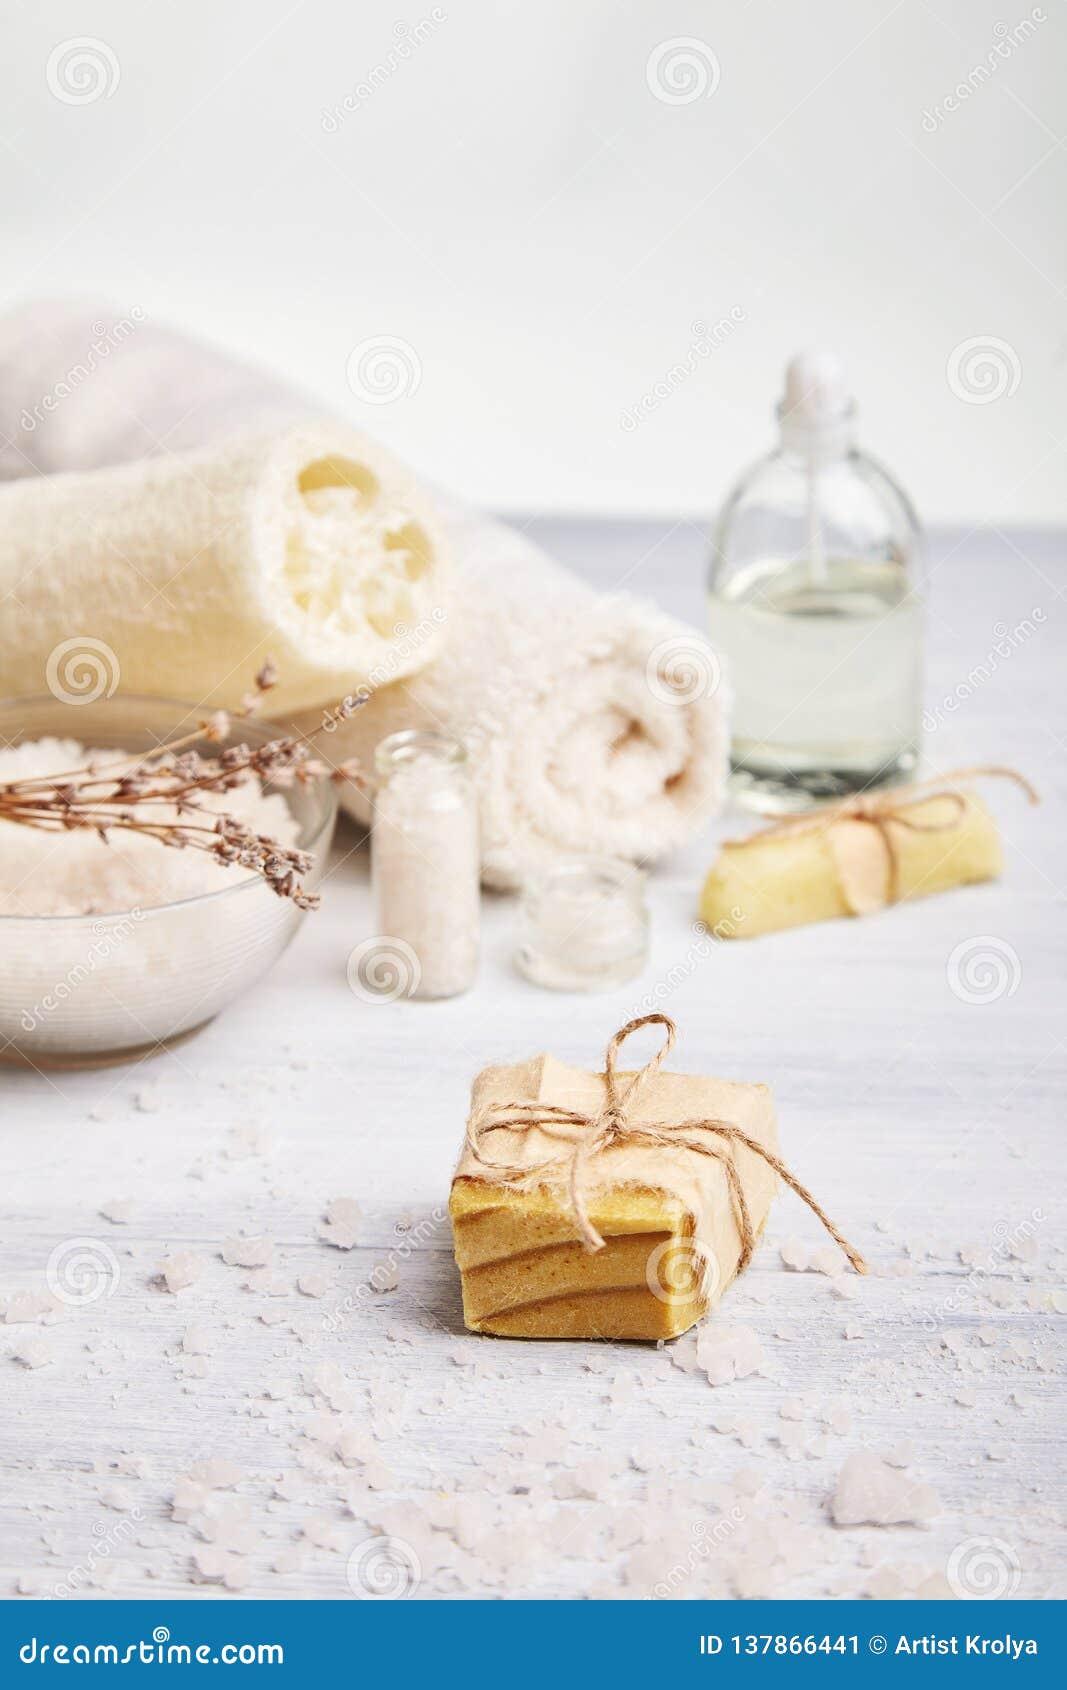 Hemlagad tvål, torra lavendelblommor och nödvändig olja